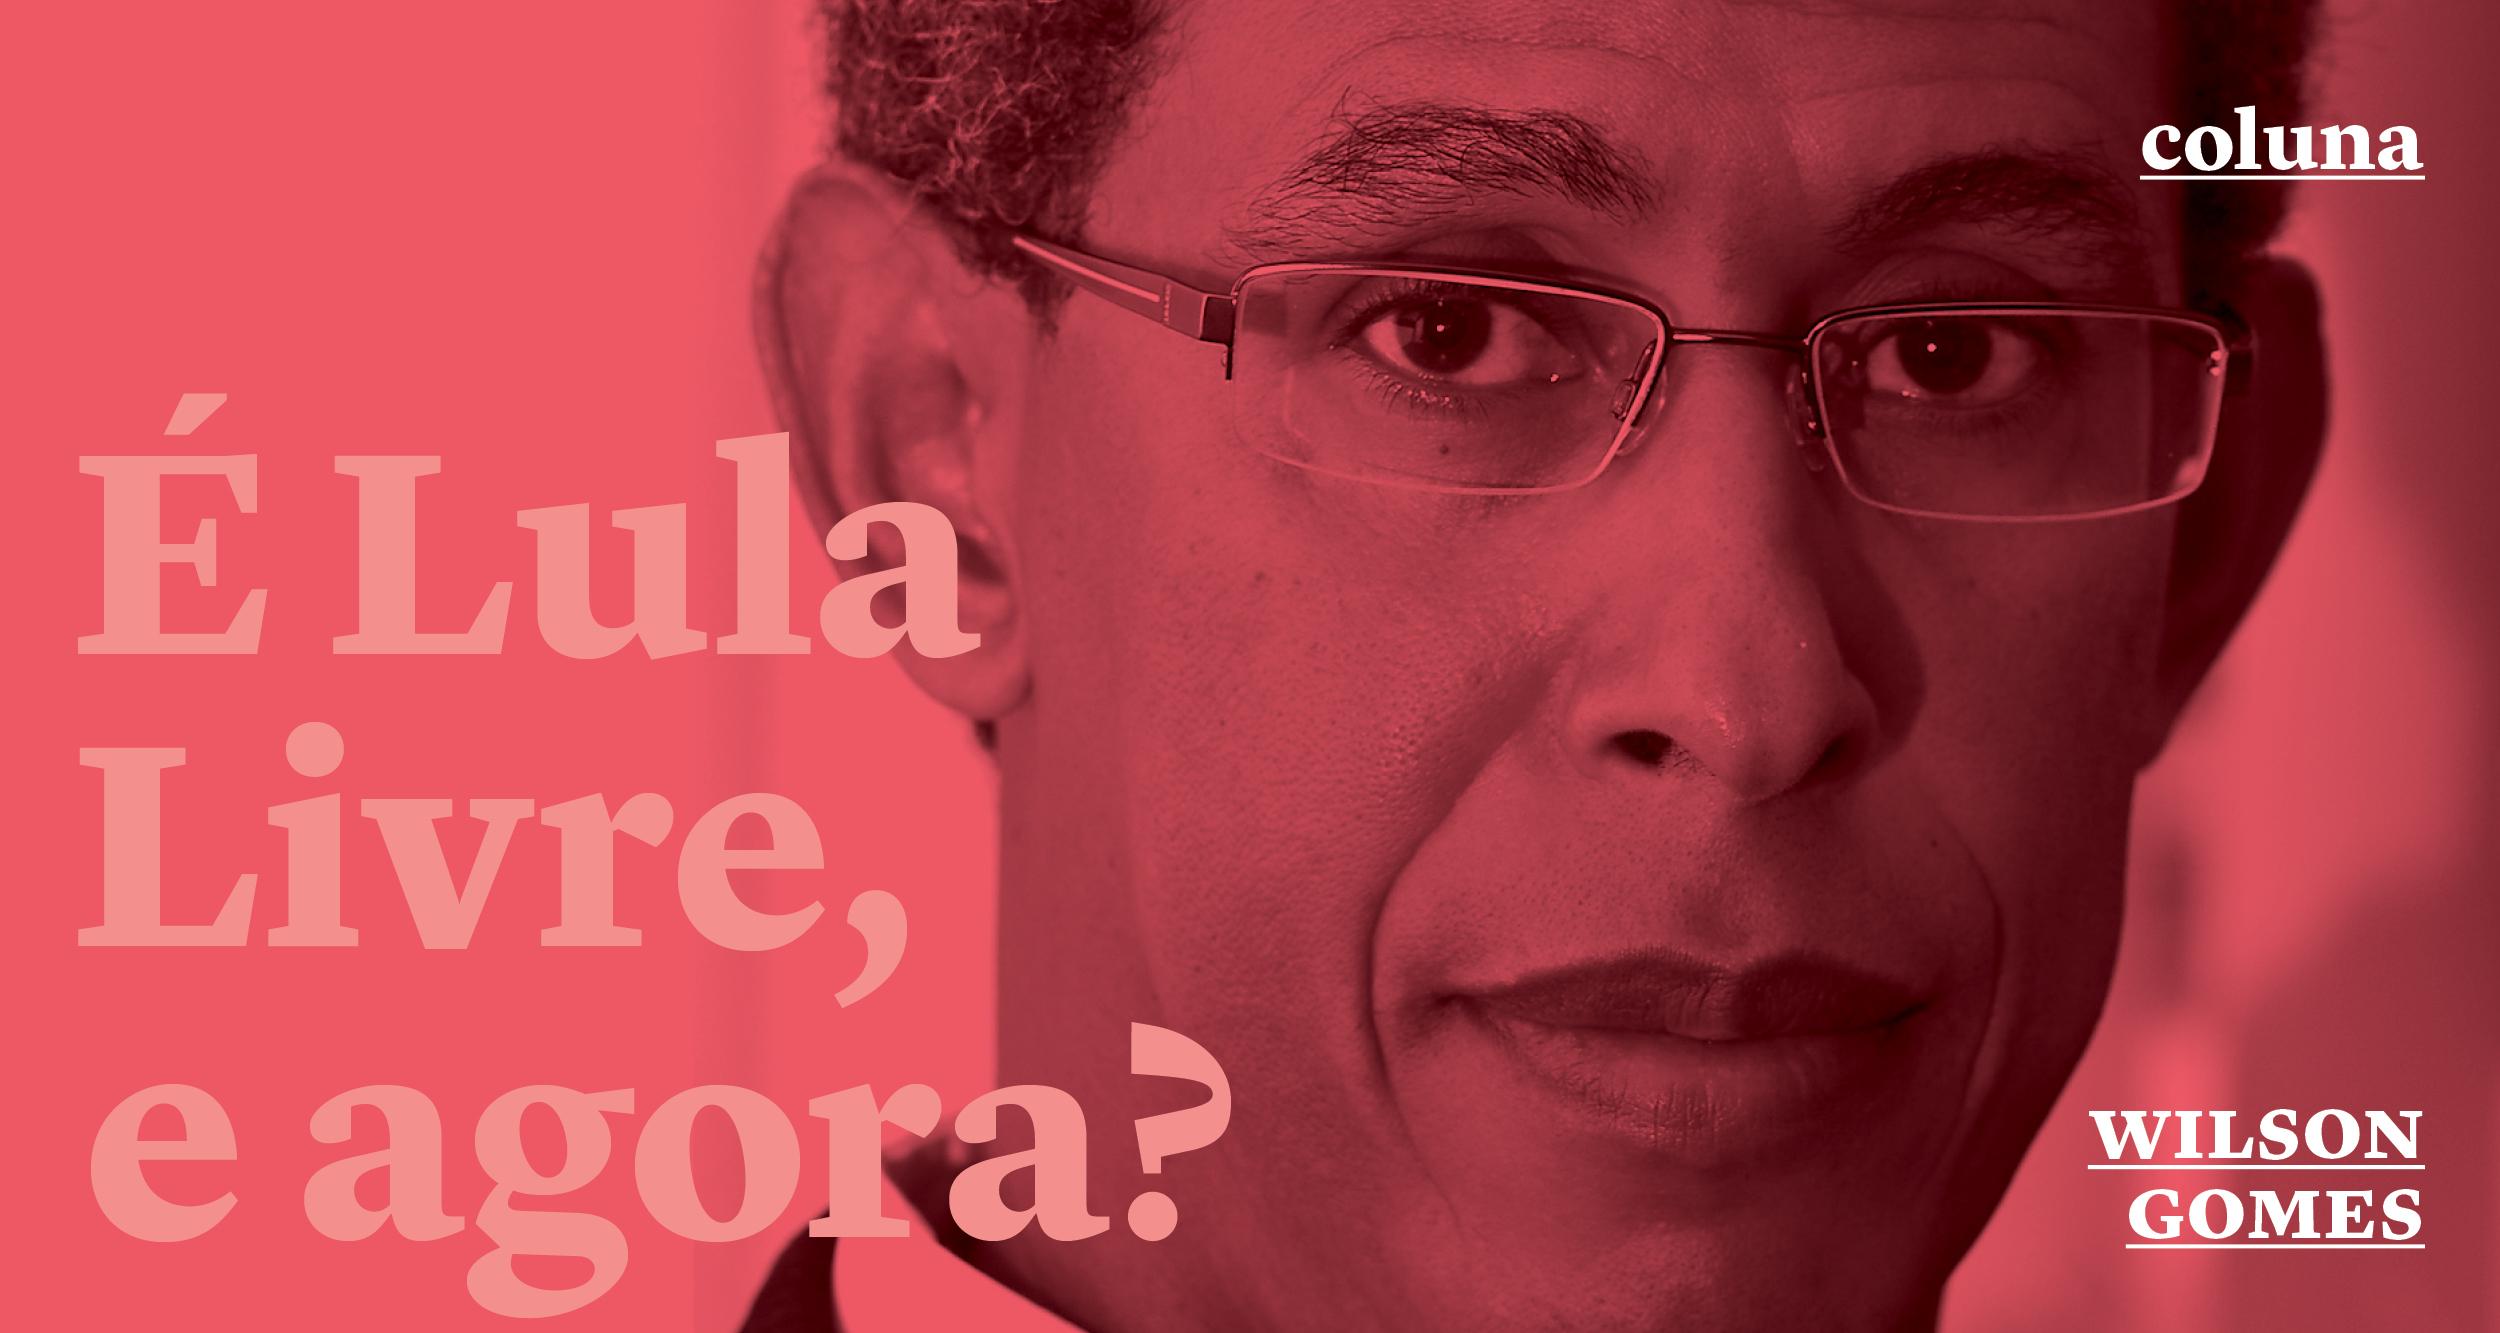 É Lula livre, e agora?